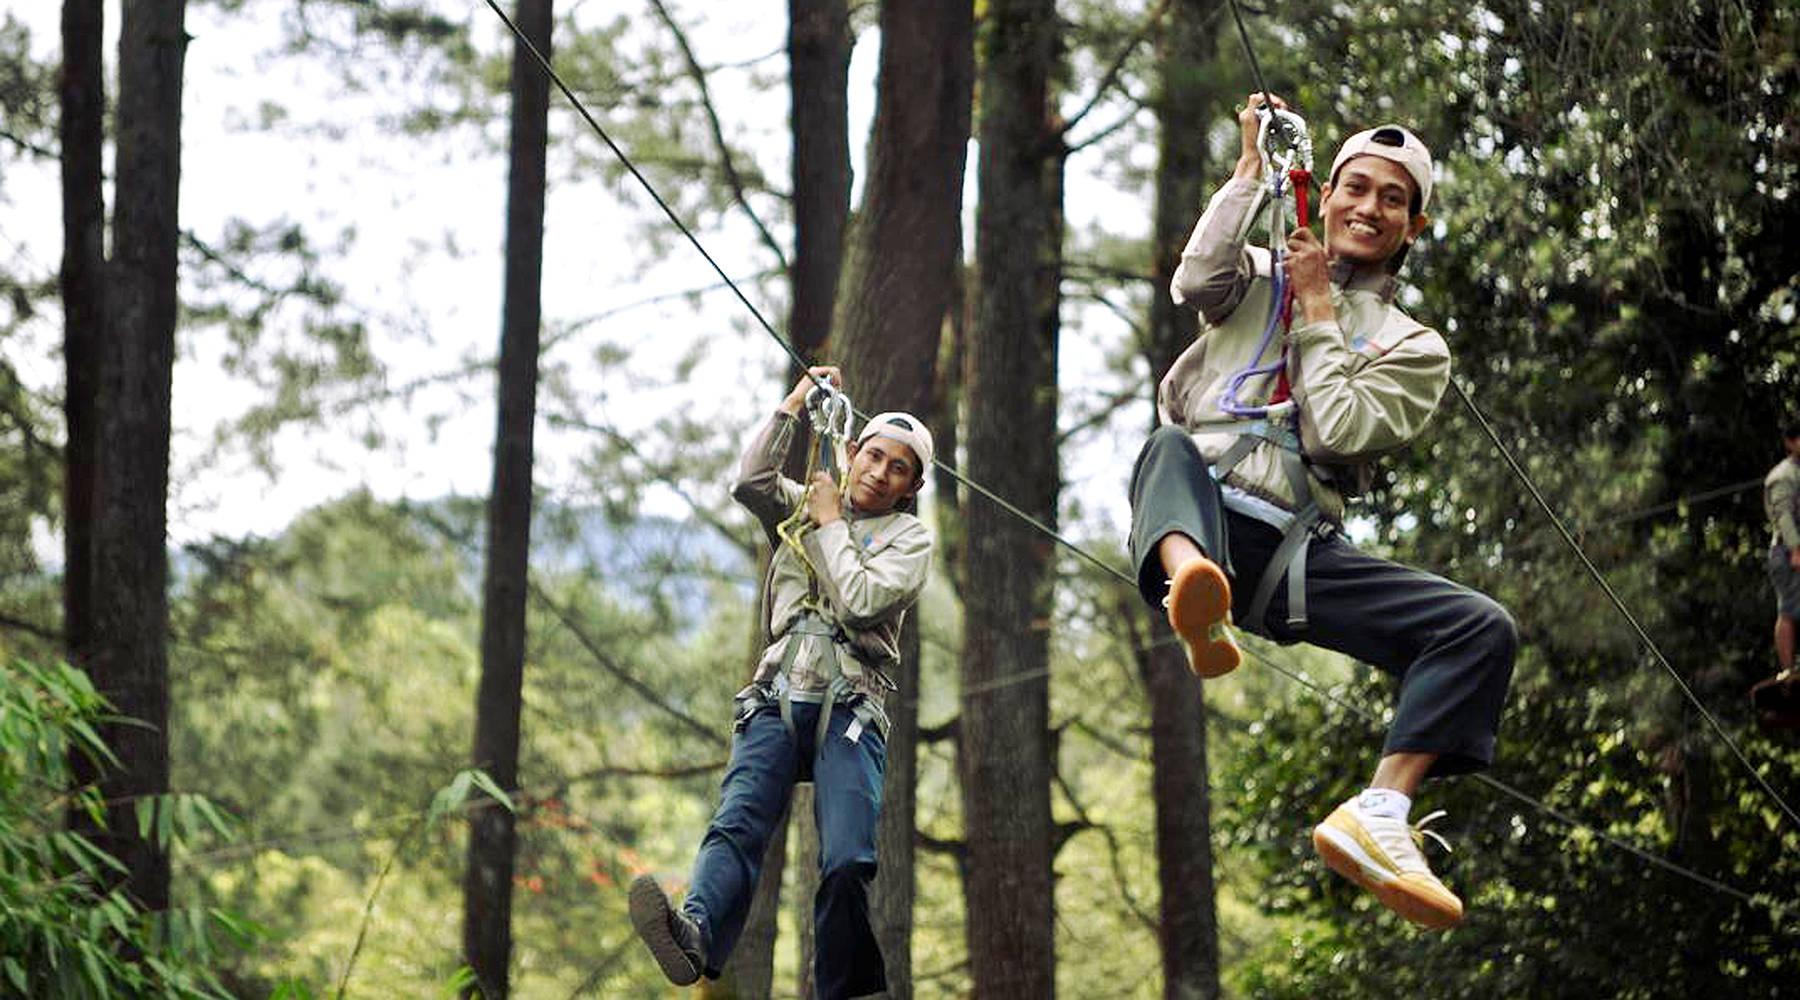 Home Bandung Treetop Adventure Park Put Training Hands Petualangan Hutan